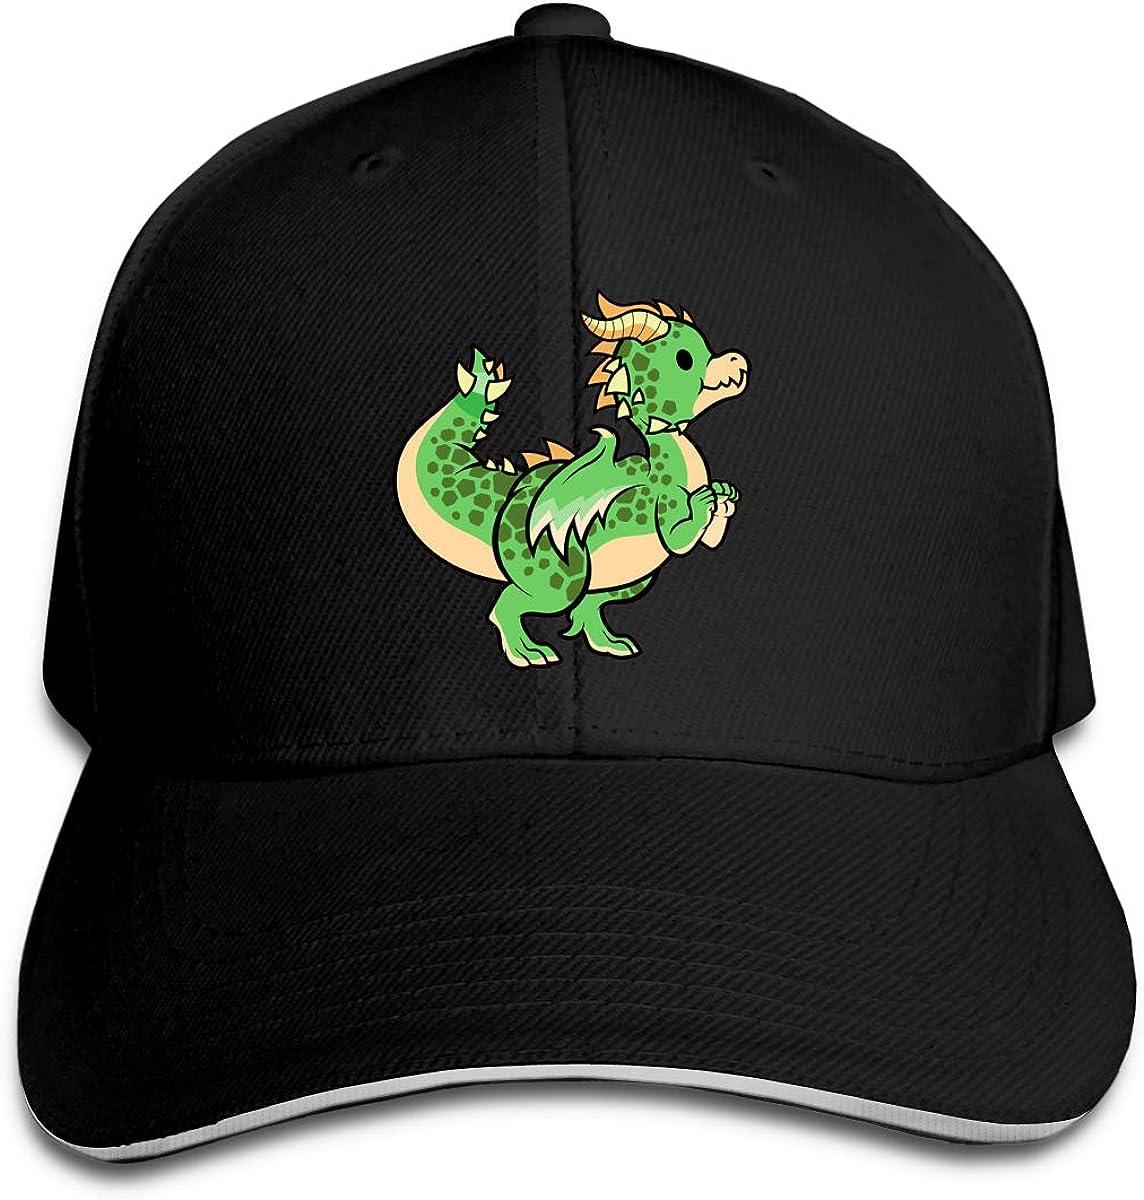 Precious Dragon Classic Adjustable Cotton Baseball Caps Trucker Driver Hat Outdoor Cap Black